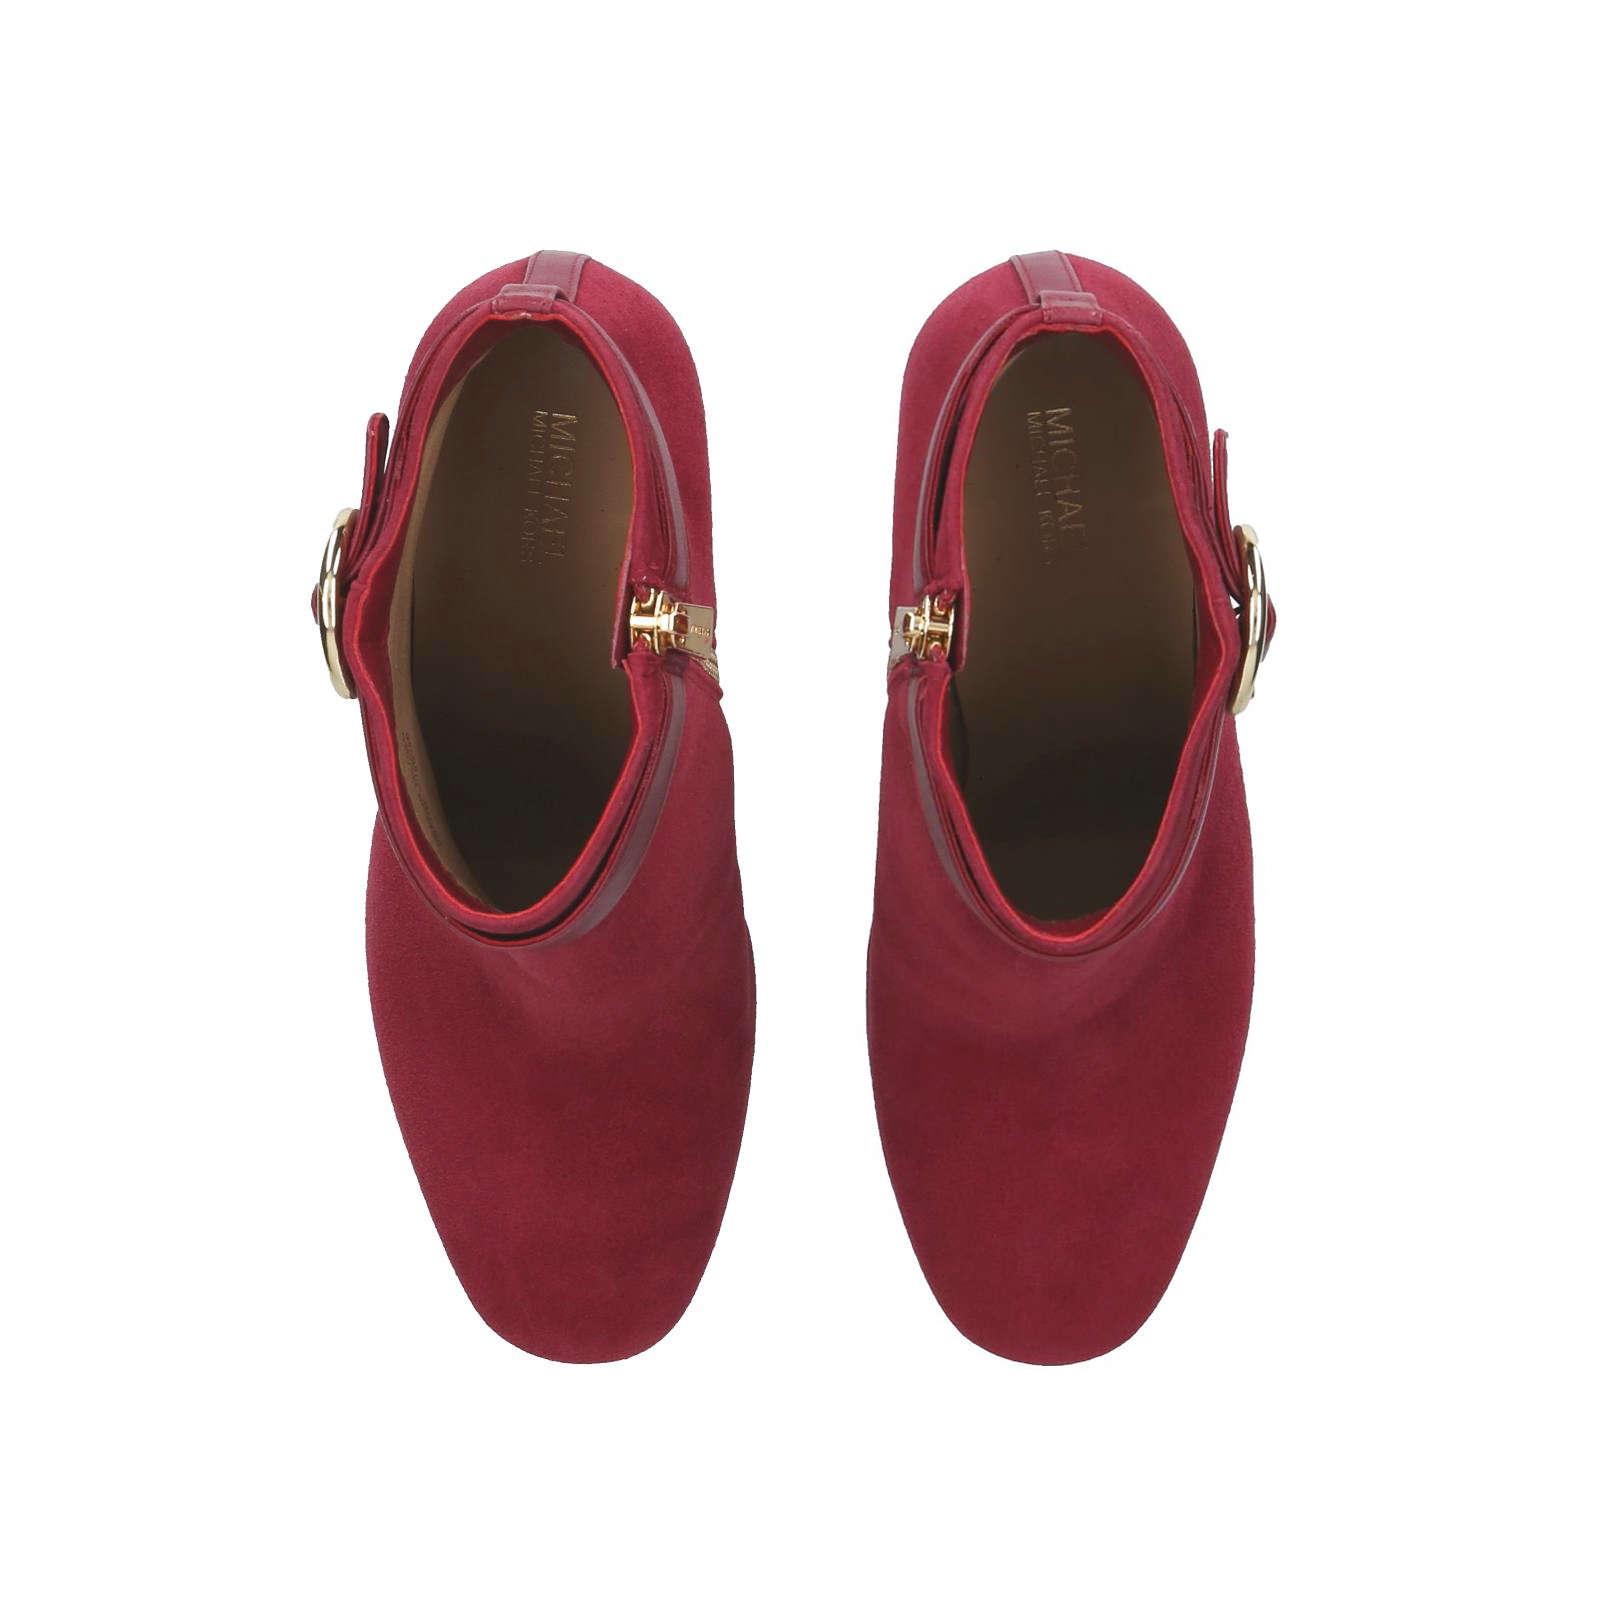 a86085c2c2ca ALANA BOOTIE Alana Bootie Mmkors Red Dark Heel